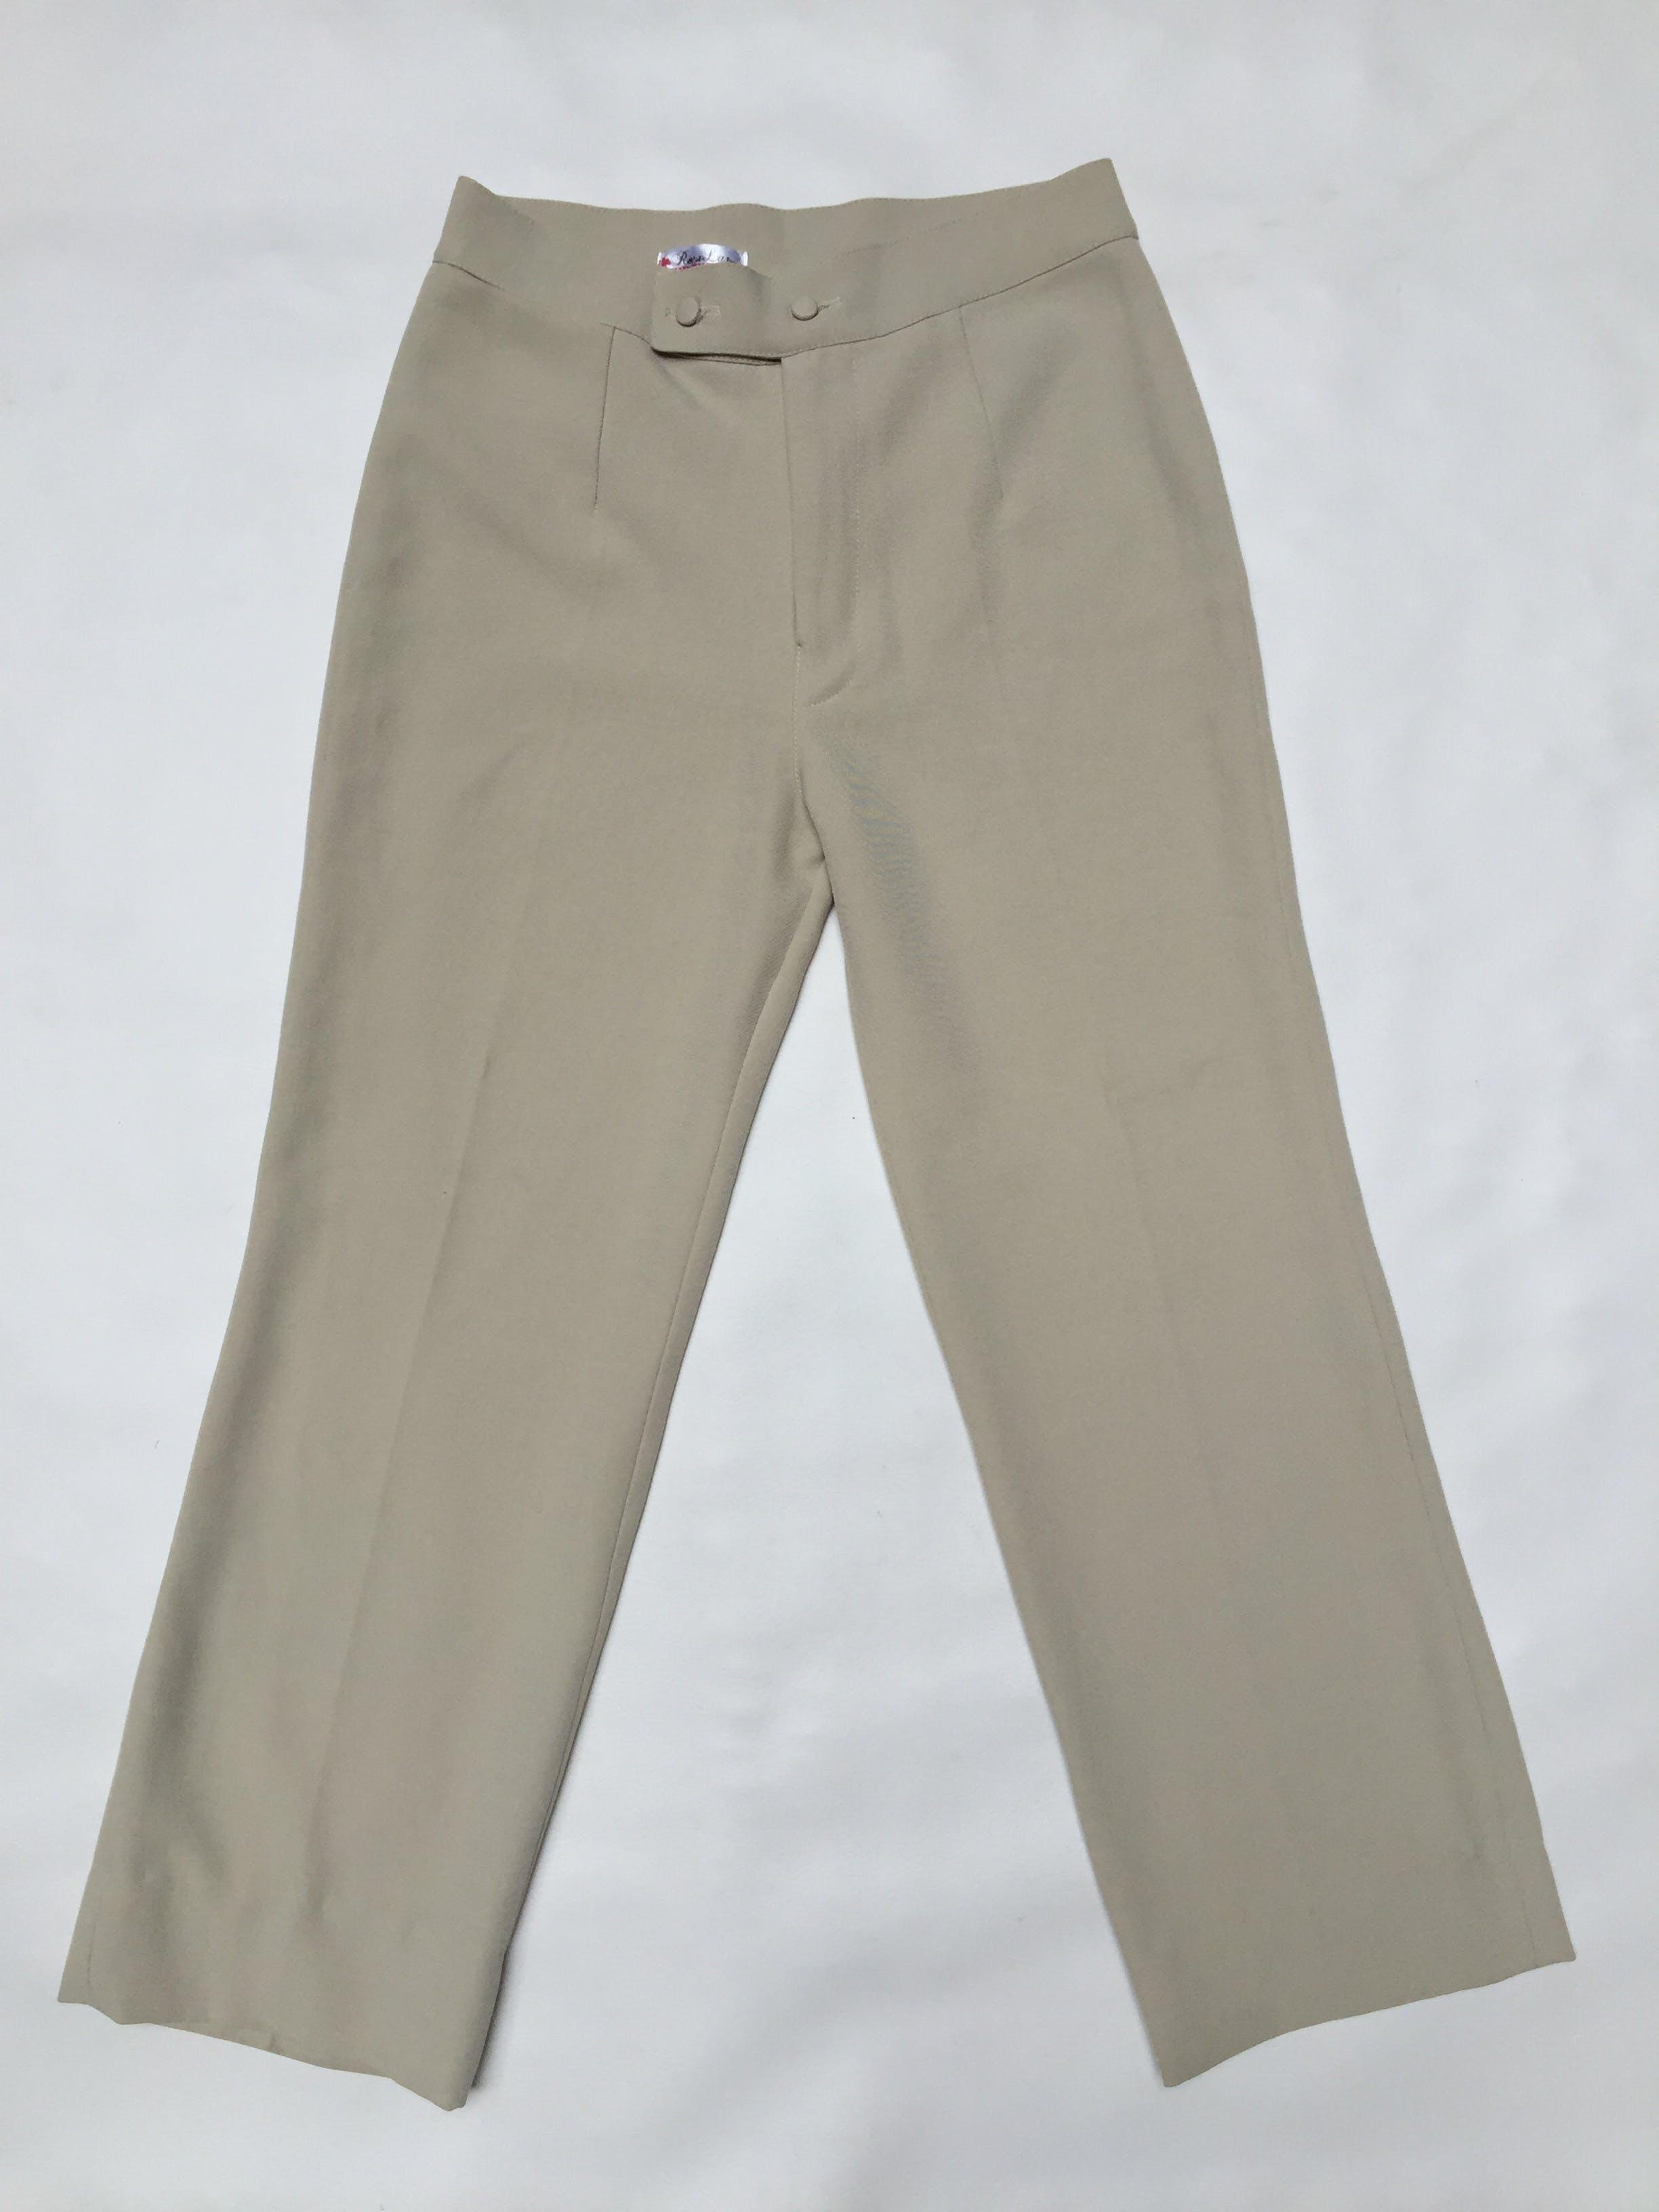 Pantalón crema tipo sastre a la cintura, corte recto, lleva cierre y botones delanteros Talla 28